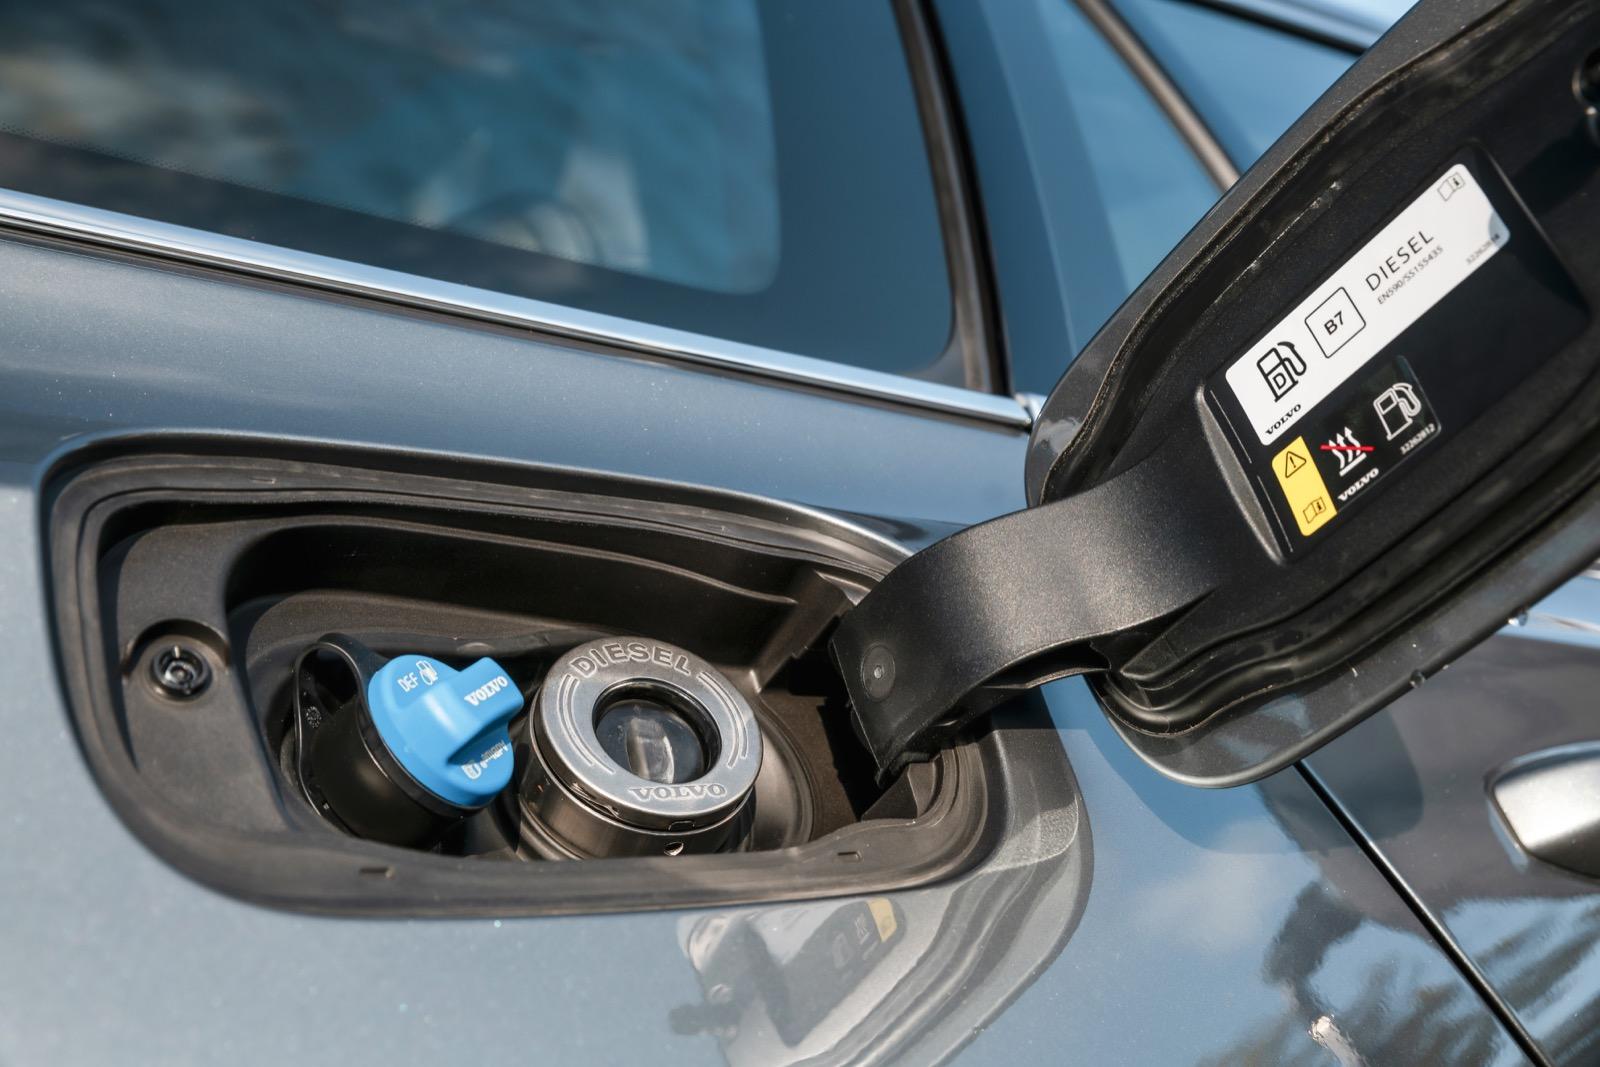 Alla nya Volvobilar är godkända för den syntetiska HVO-dieseln som sänker det fossila CO2-utsläppet med upp till 90 %.